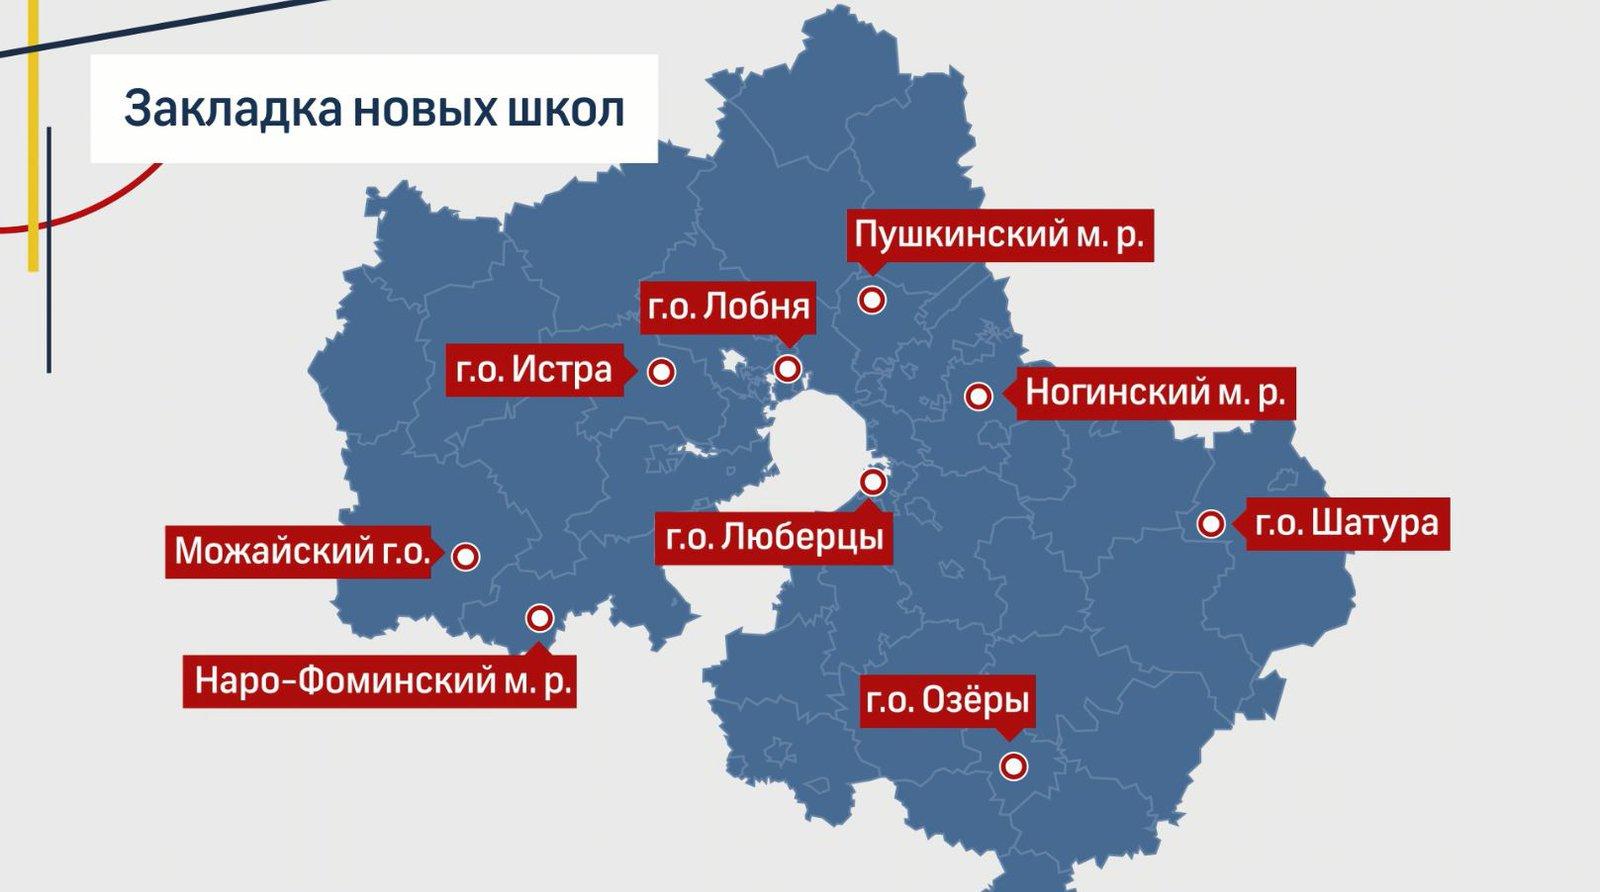 Андрей Воробьев губернатор московской области - Итоги марта в эфире телеканала «360°»